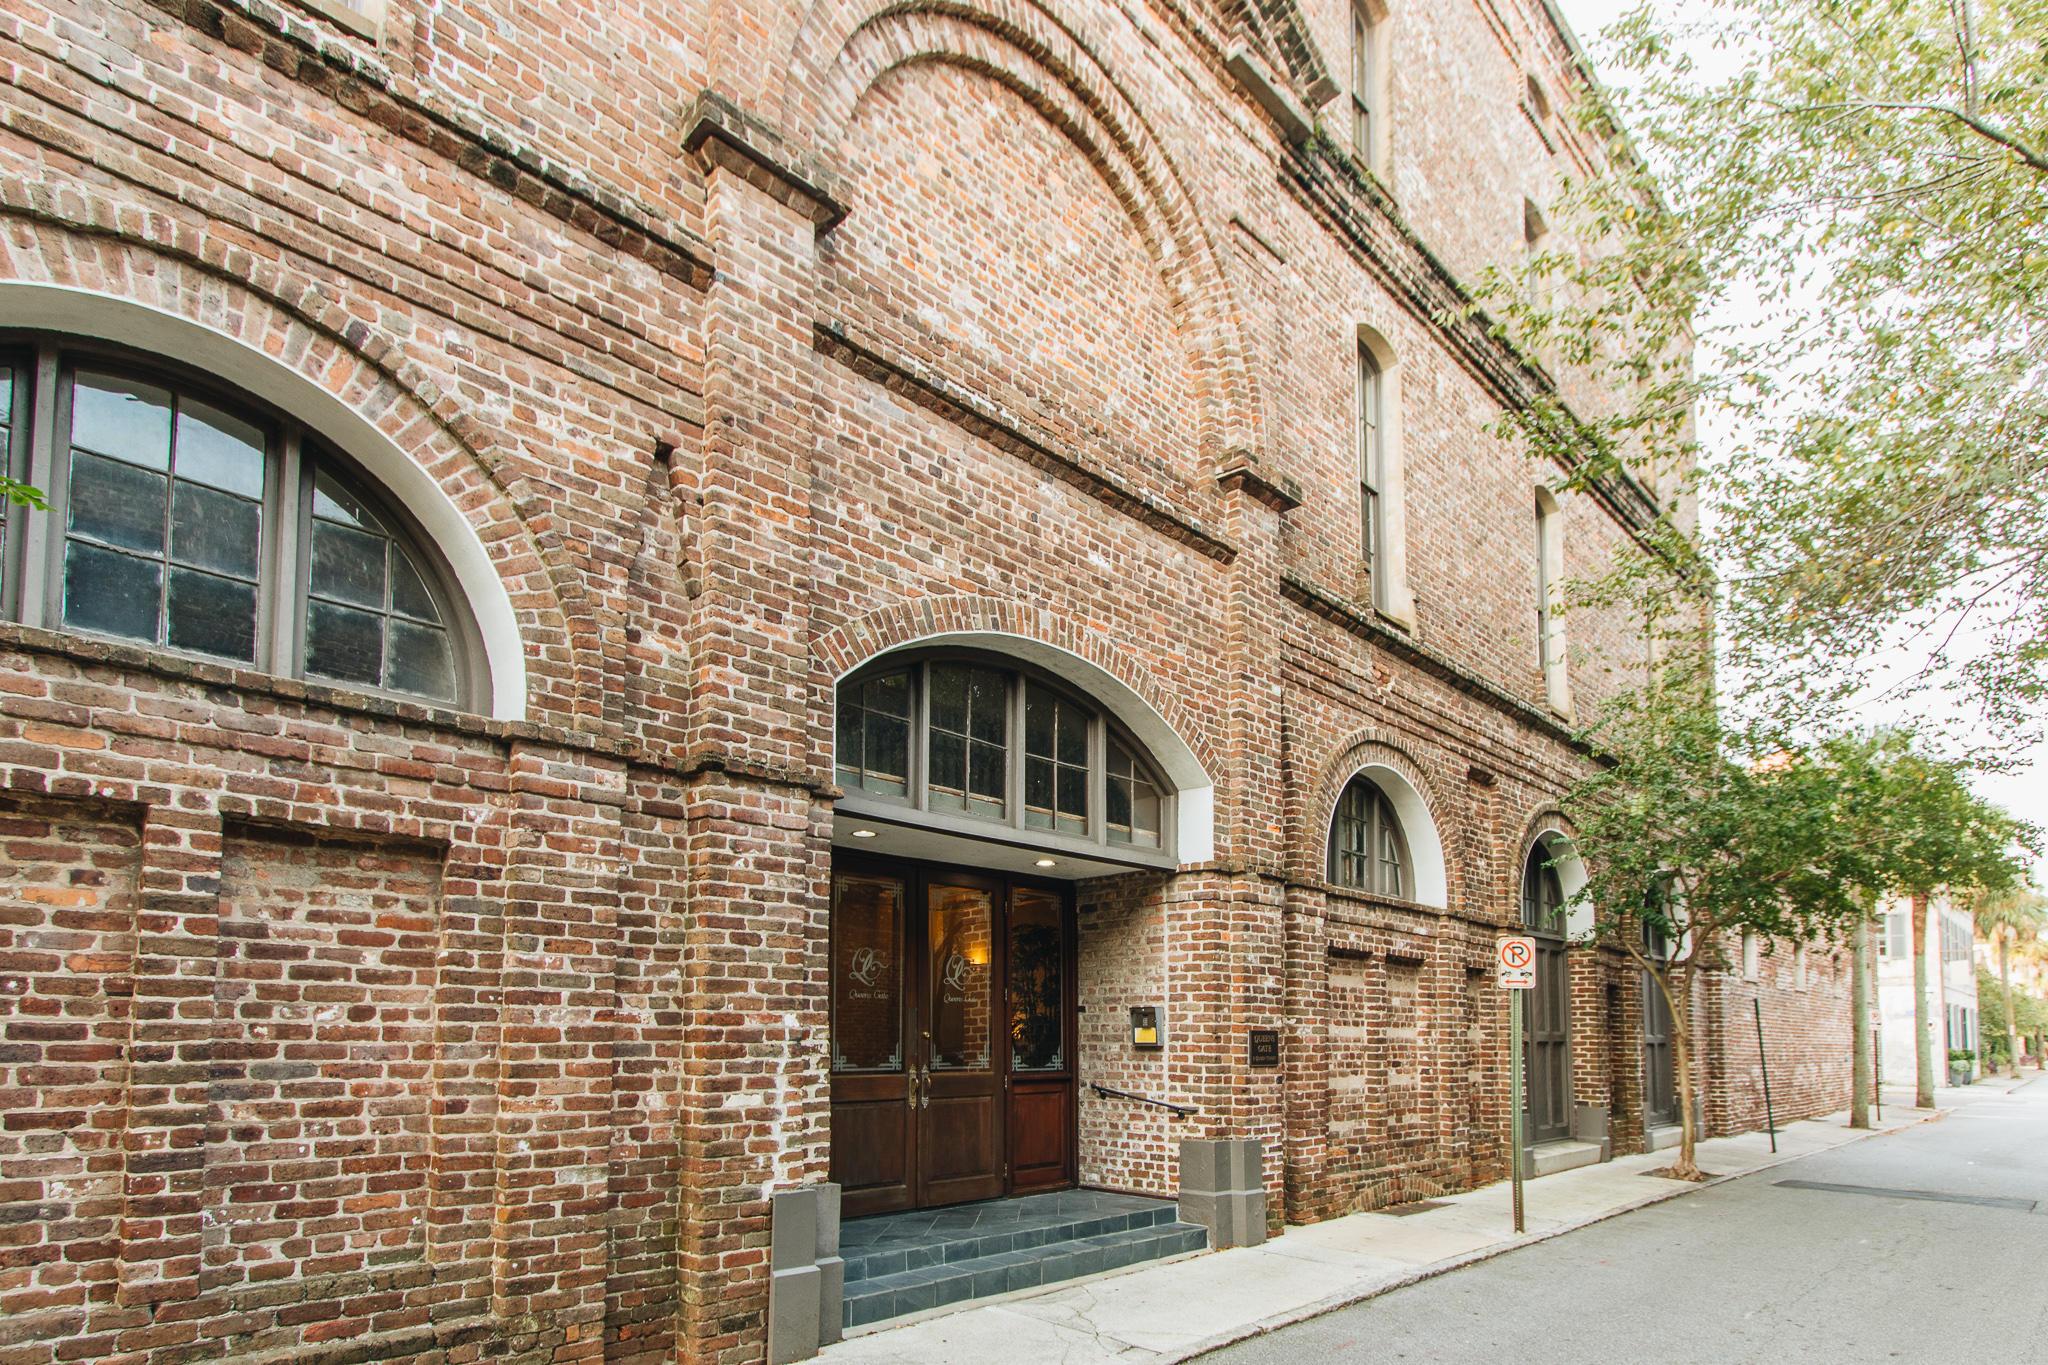 3 Queen Street, Charleston, 29401, 2 Bedrooms Bedrooms, ,2 BathroomsBathrooms,Residential,For Sale,Queen Street,21004434